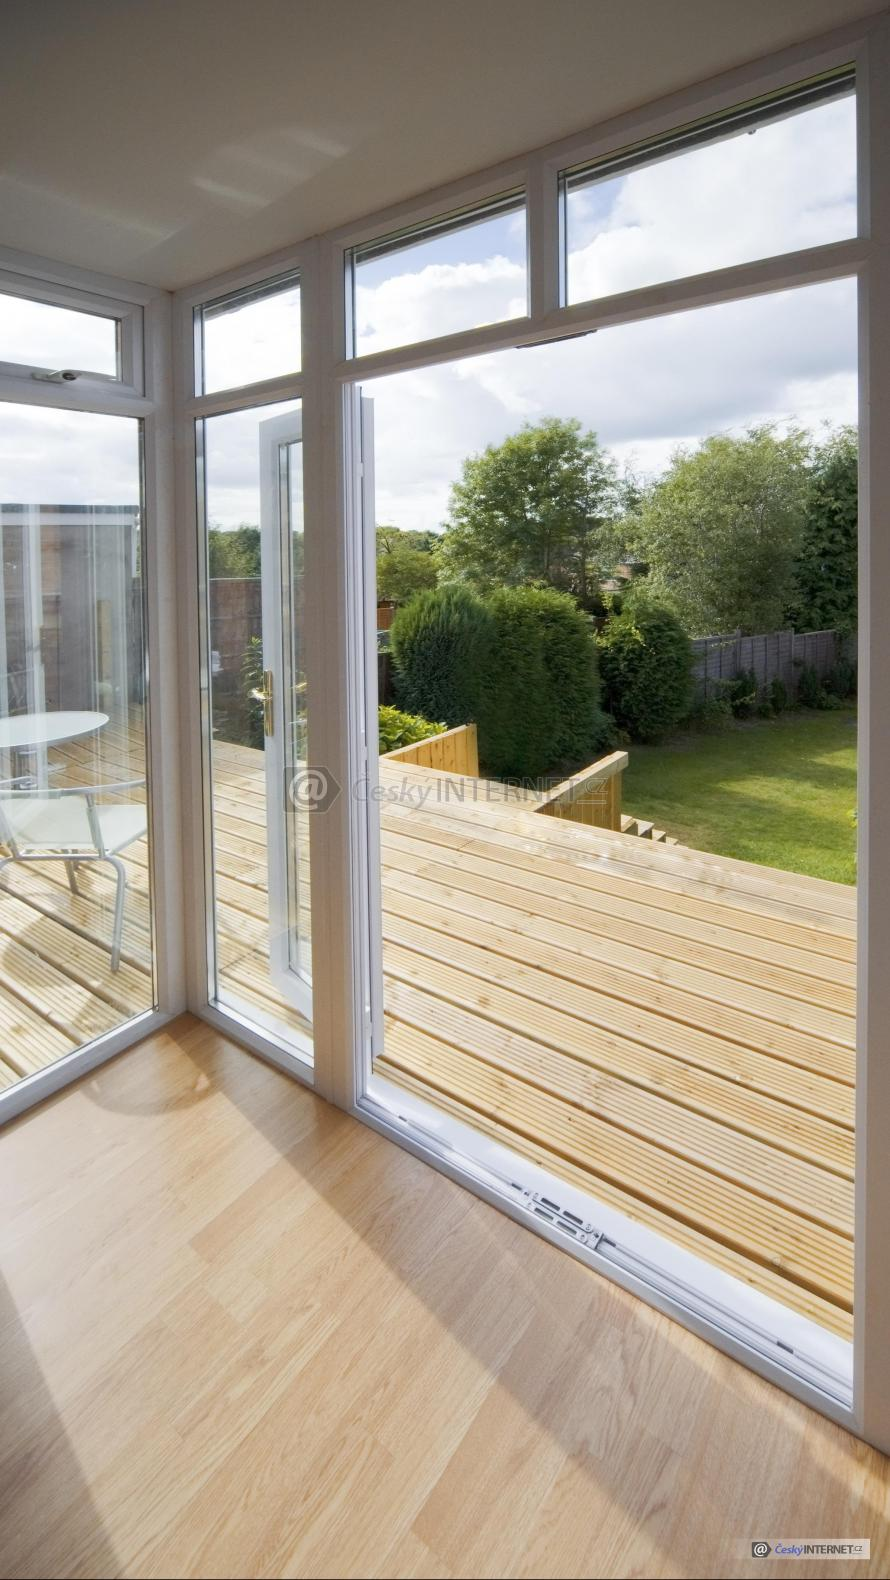 Pohled z domu na zahradu, dřevěná terasa.